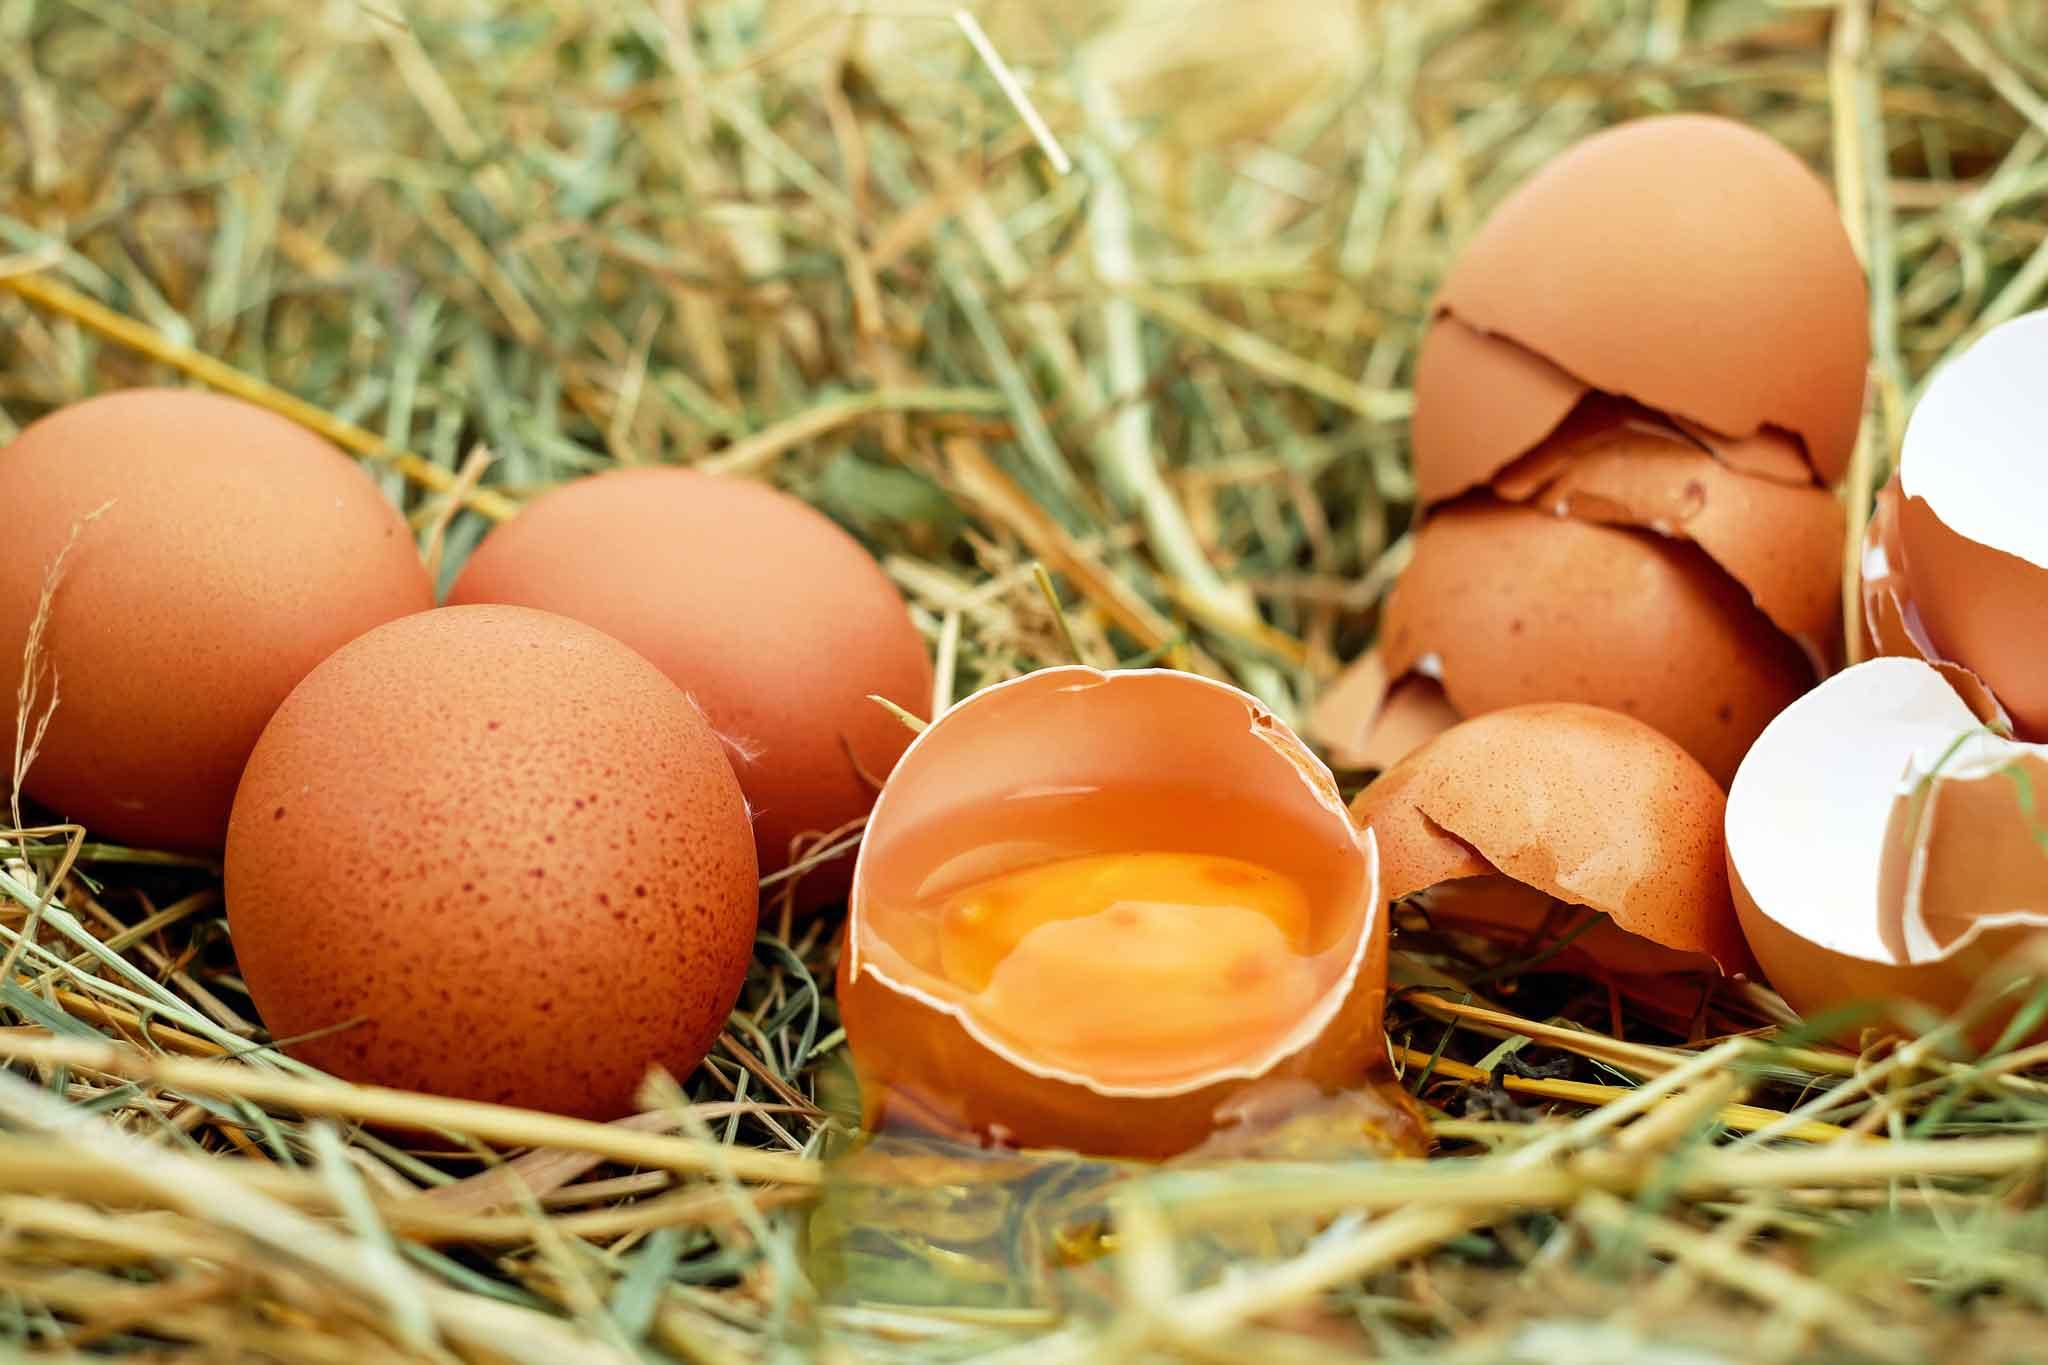 migliori uova biologiche